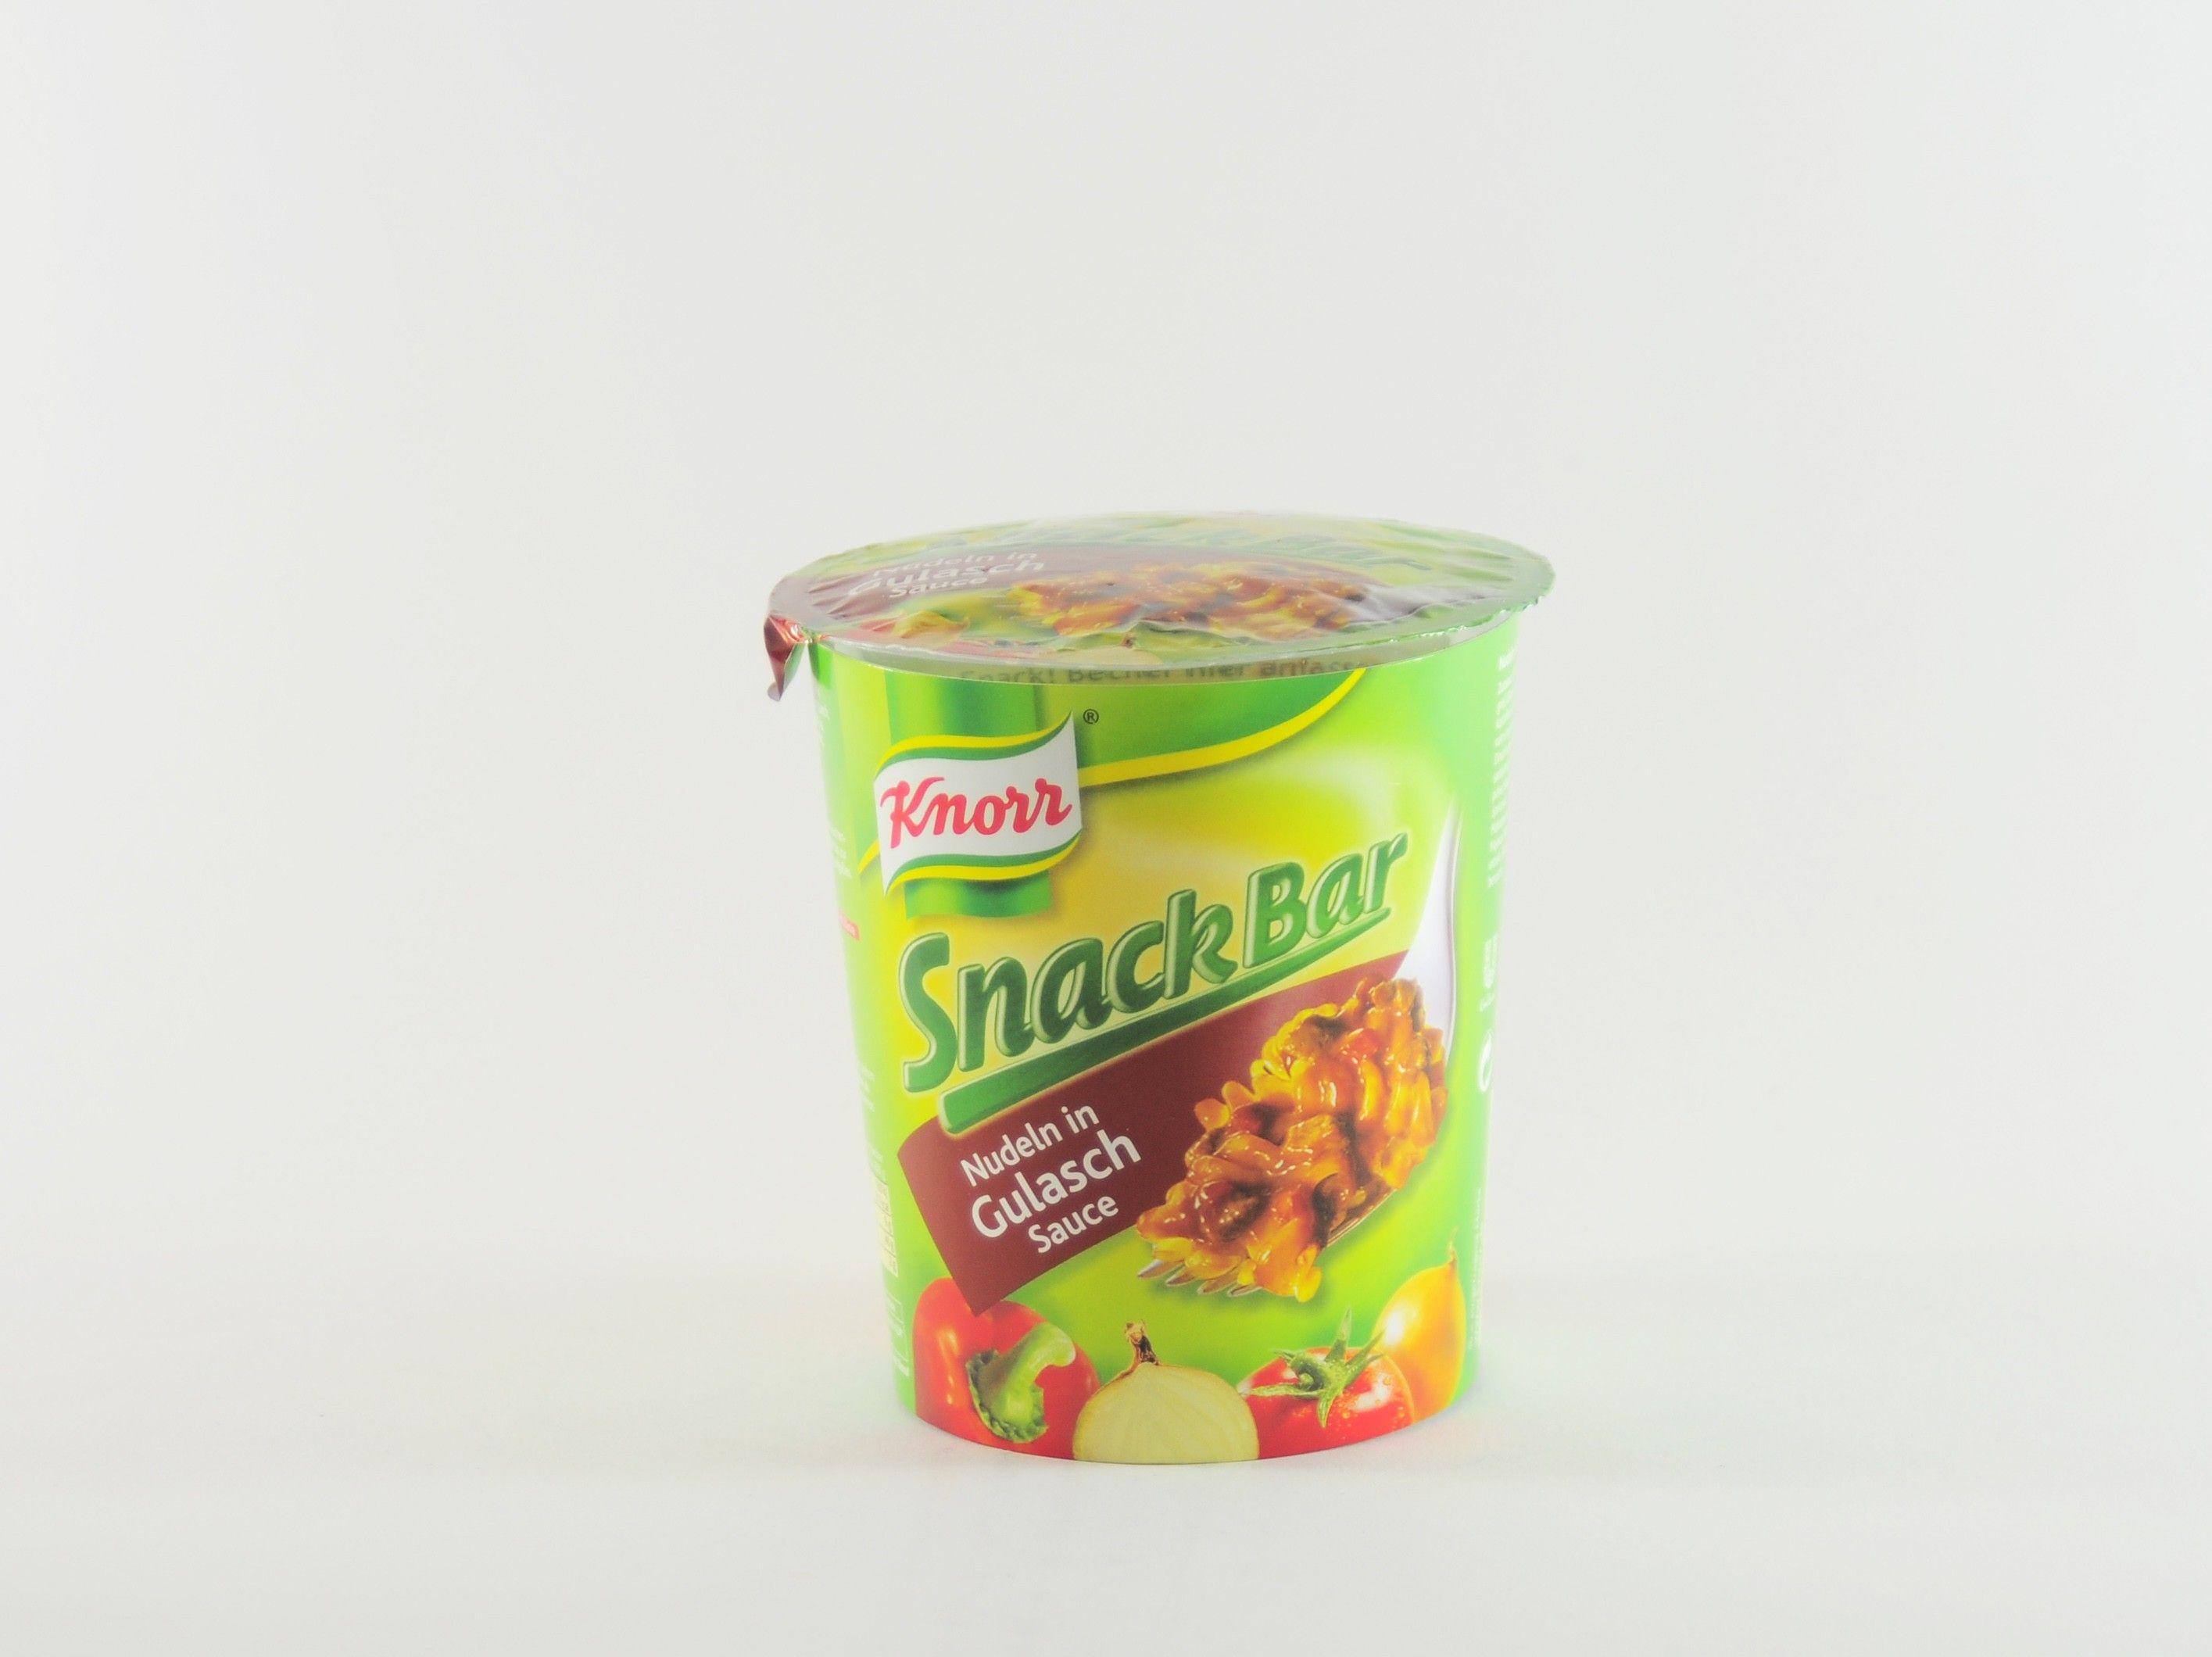 """Die Firma Knorr kennt Abhilfe und stellt mit der Reihe """"Snack Bar"""" eine Serie von Nudeln in verschiedenen Geschmacksrichtungen vor, die vor dem Verzehr einzig mit heißem Wasser aufgegossen werden müssen - Das geht notfalls auch mit einem Wasserkocher in der Bibliothek. """"Snack Bar Nudeln in Gulasch Sauce"""" liefert Nudeln mit einer klassischen Gulasch-Sauce. #food #knorr #pasta #snackbar #snack #gulasch #essen #kjero #testbericht"""